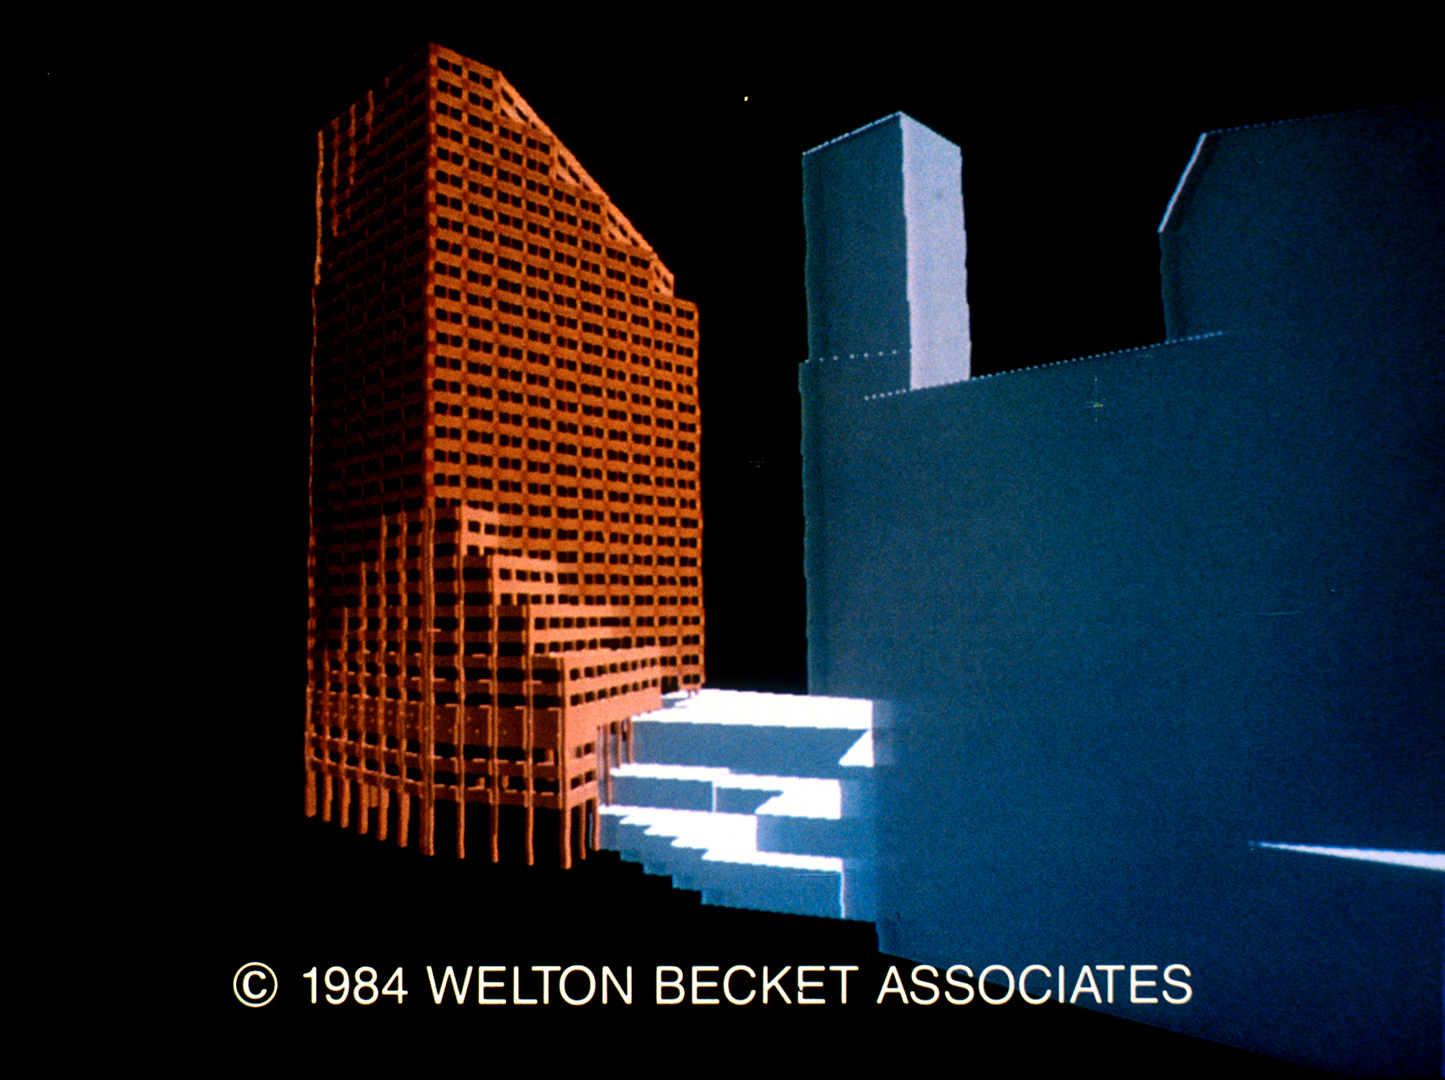 ©, Welton Beckett Associates